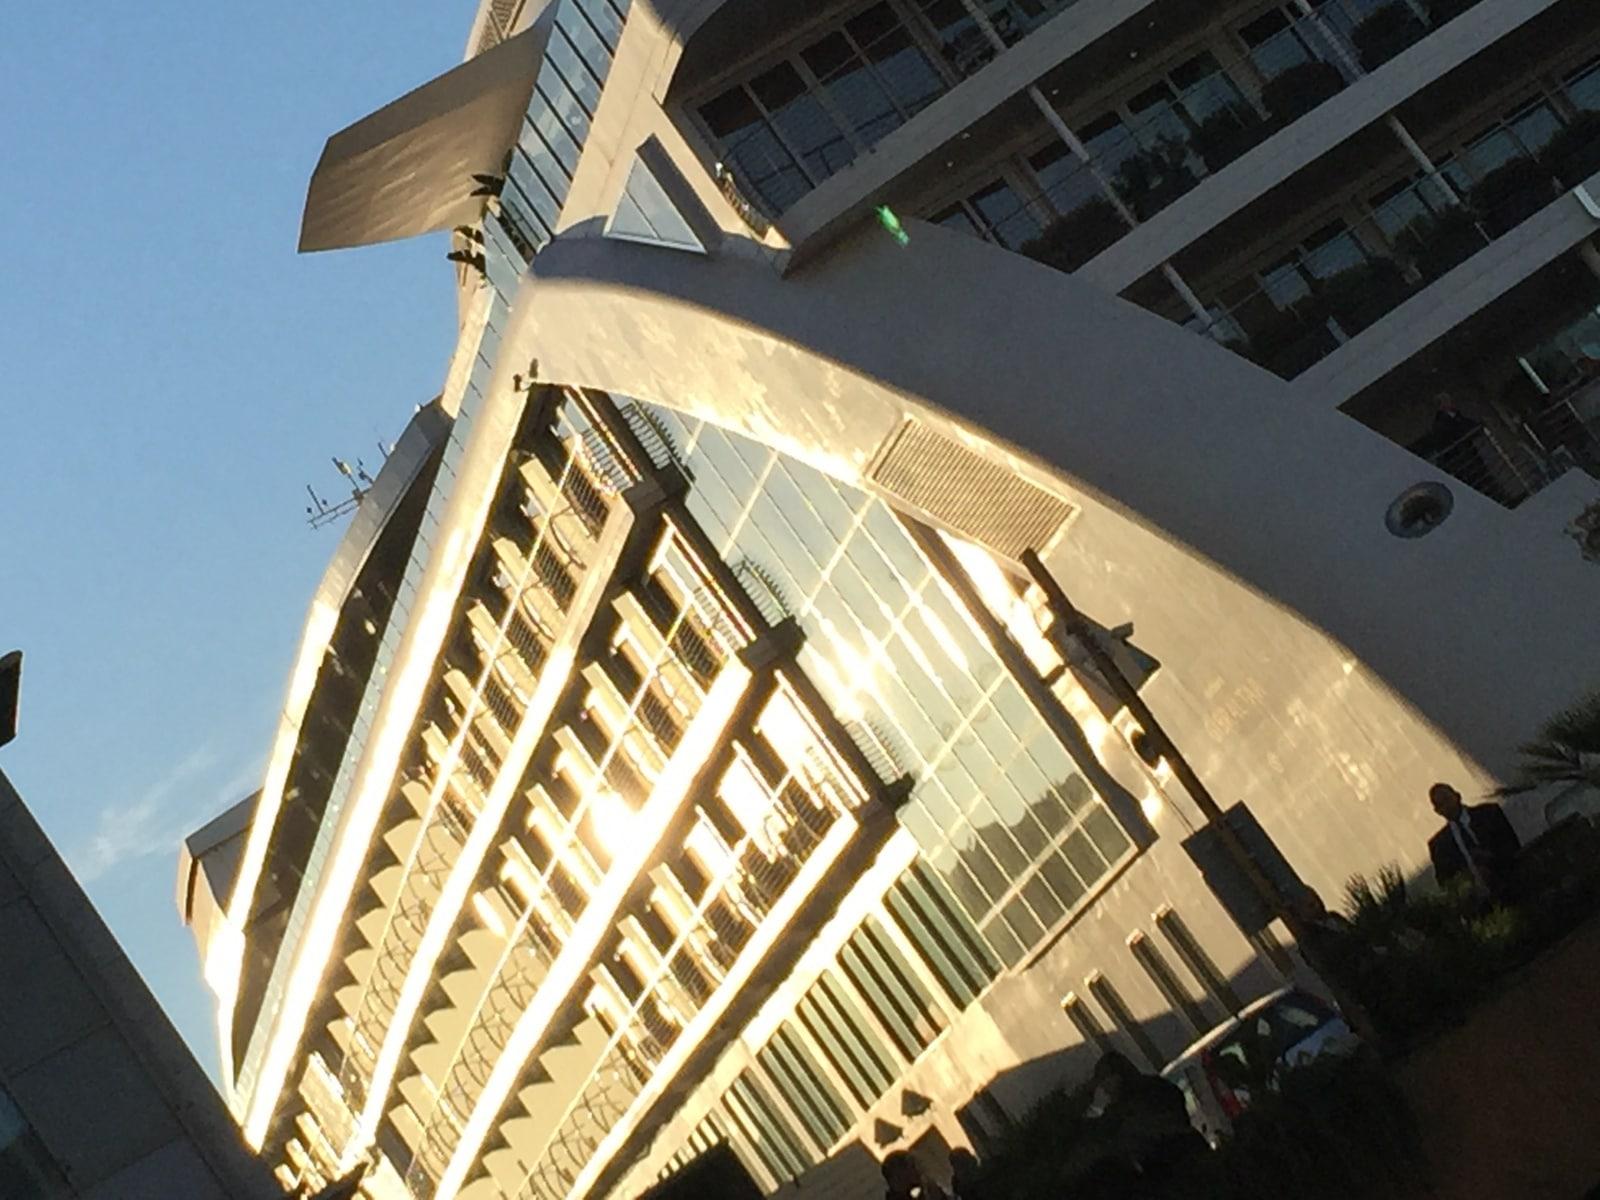 el-hotel-flotante-de-lujo-sunborn-est-permanentemente-en-la-marina-de-ocean-village-de-gibraltar_22751854081_o